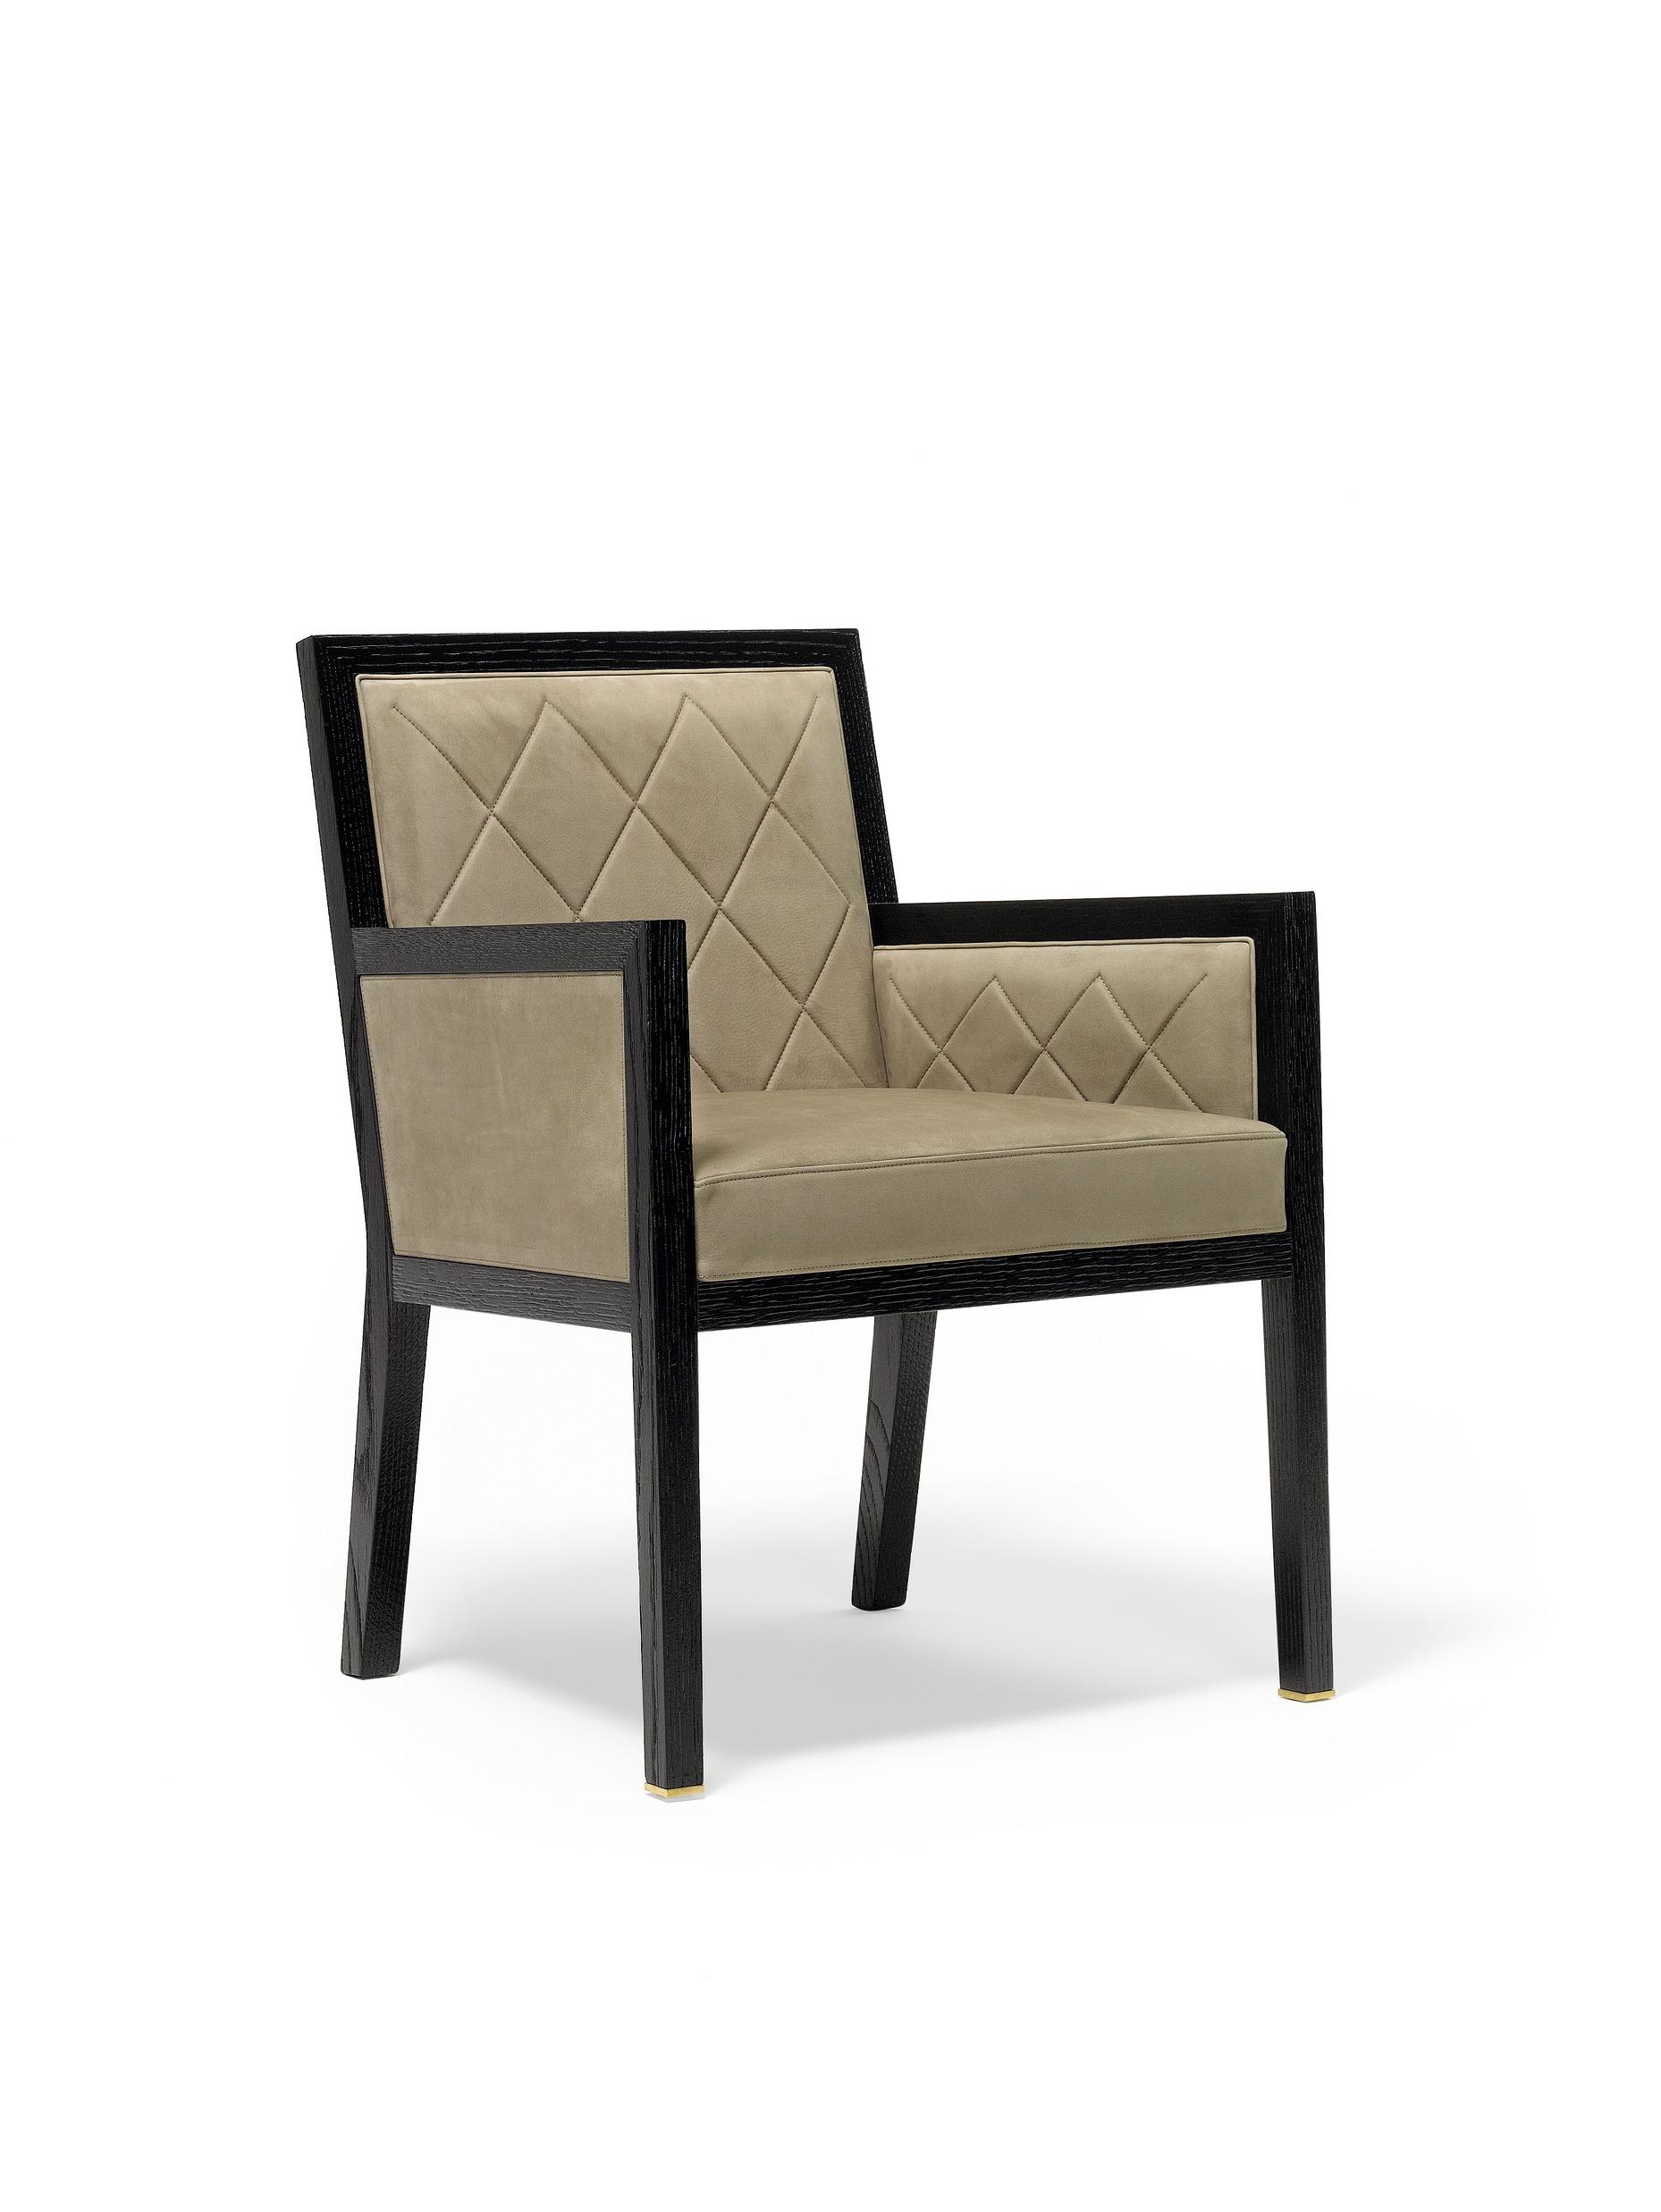 Restauration et réfection de chaises, de fauteuils et de canapés